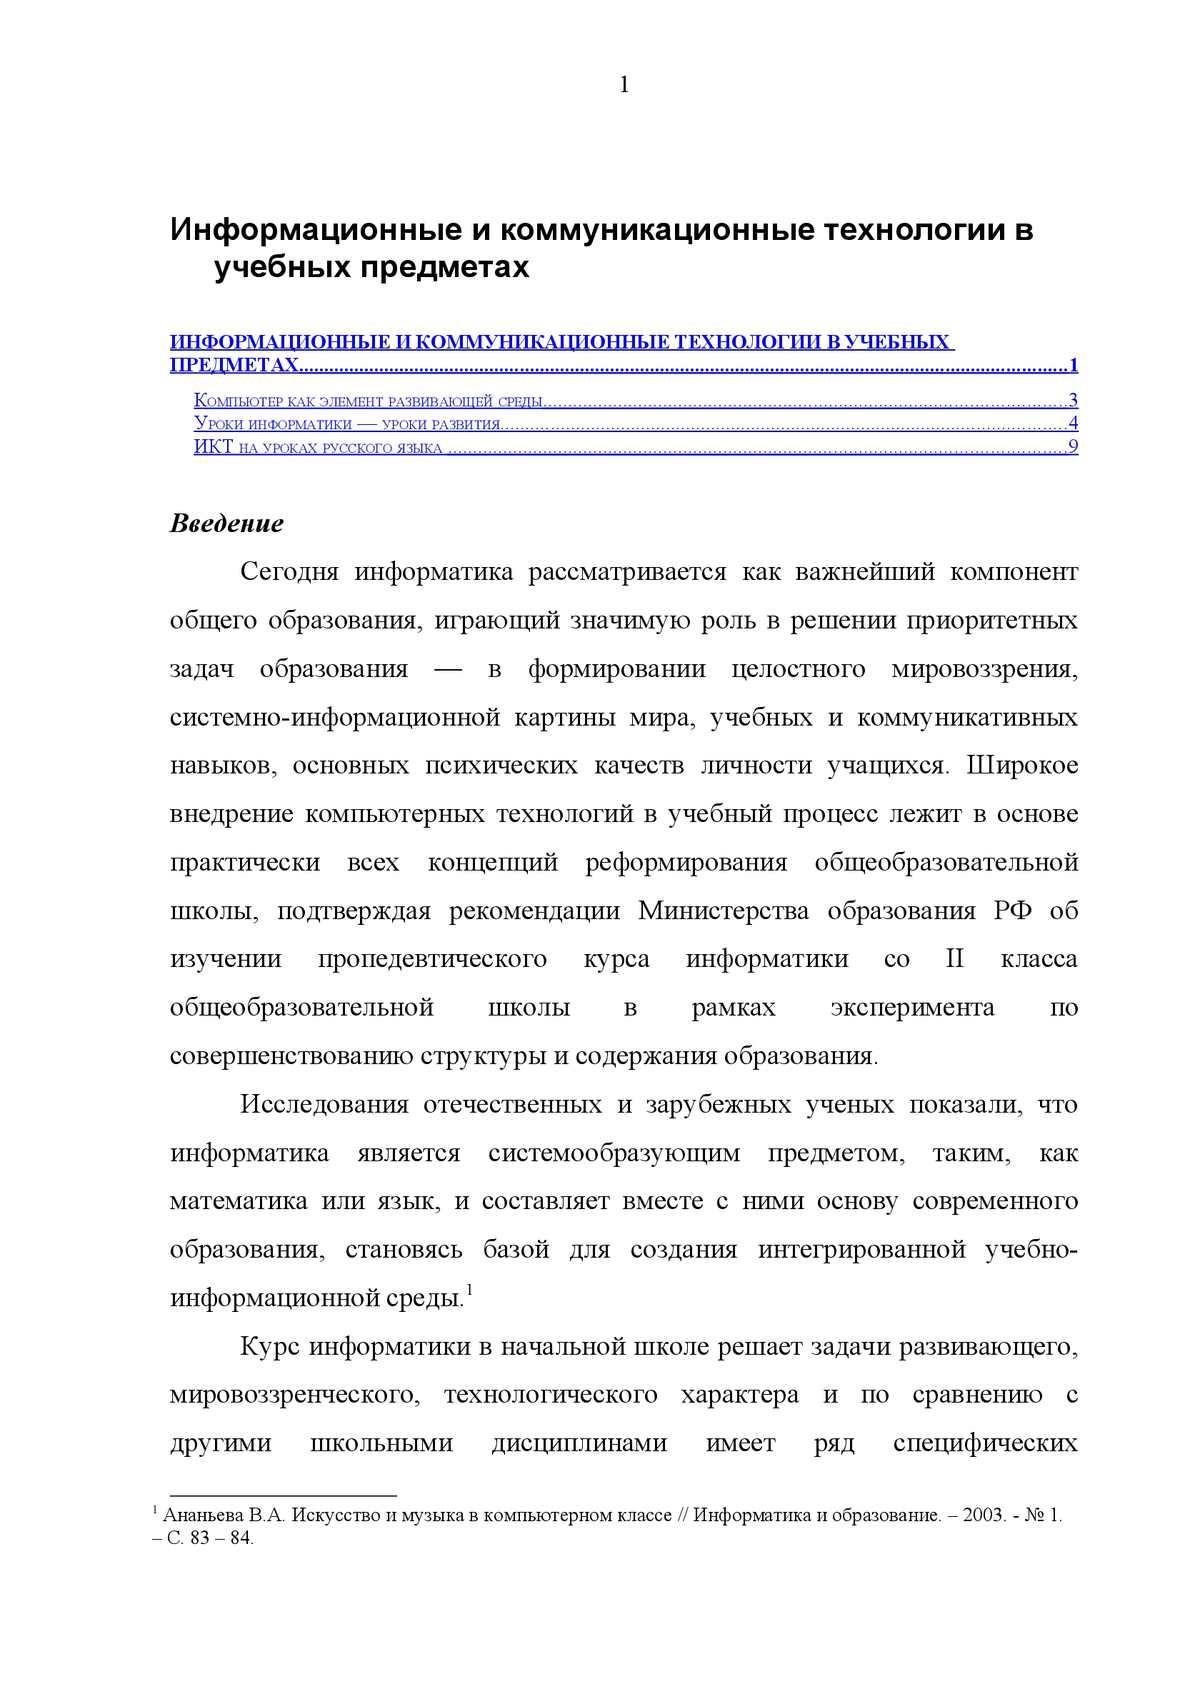 Реферат на тему информатика и икт 2795